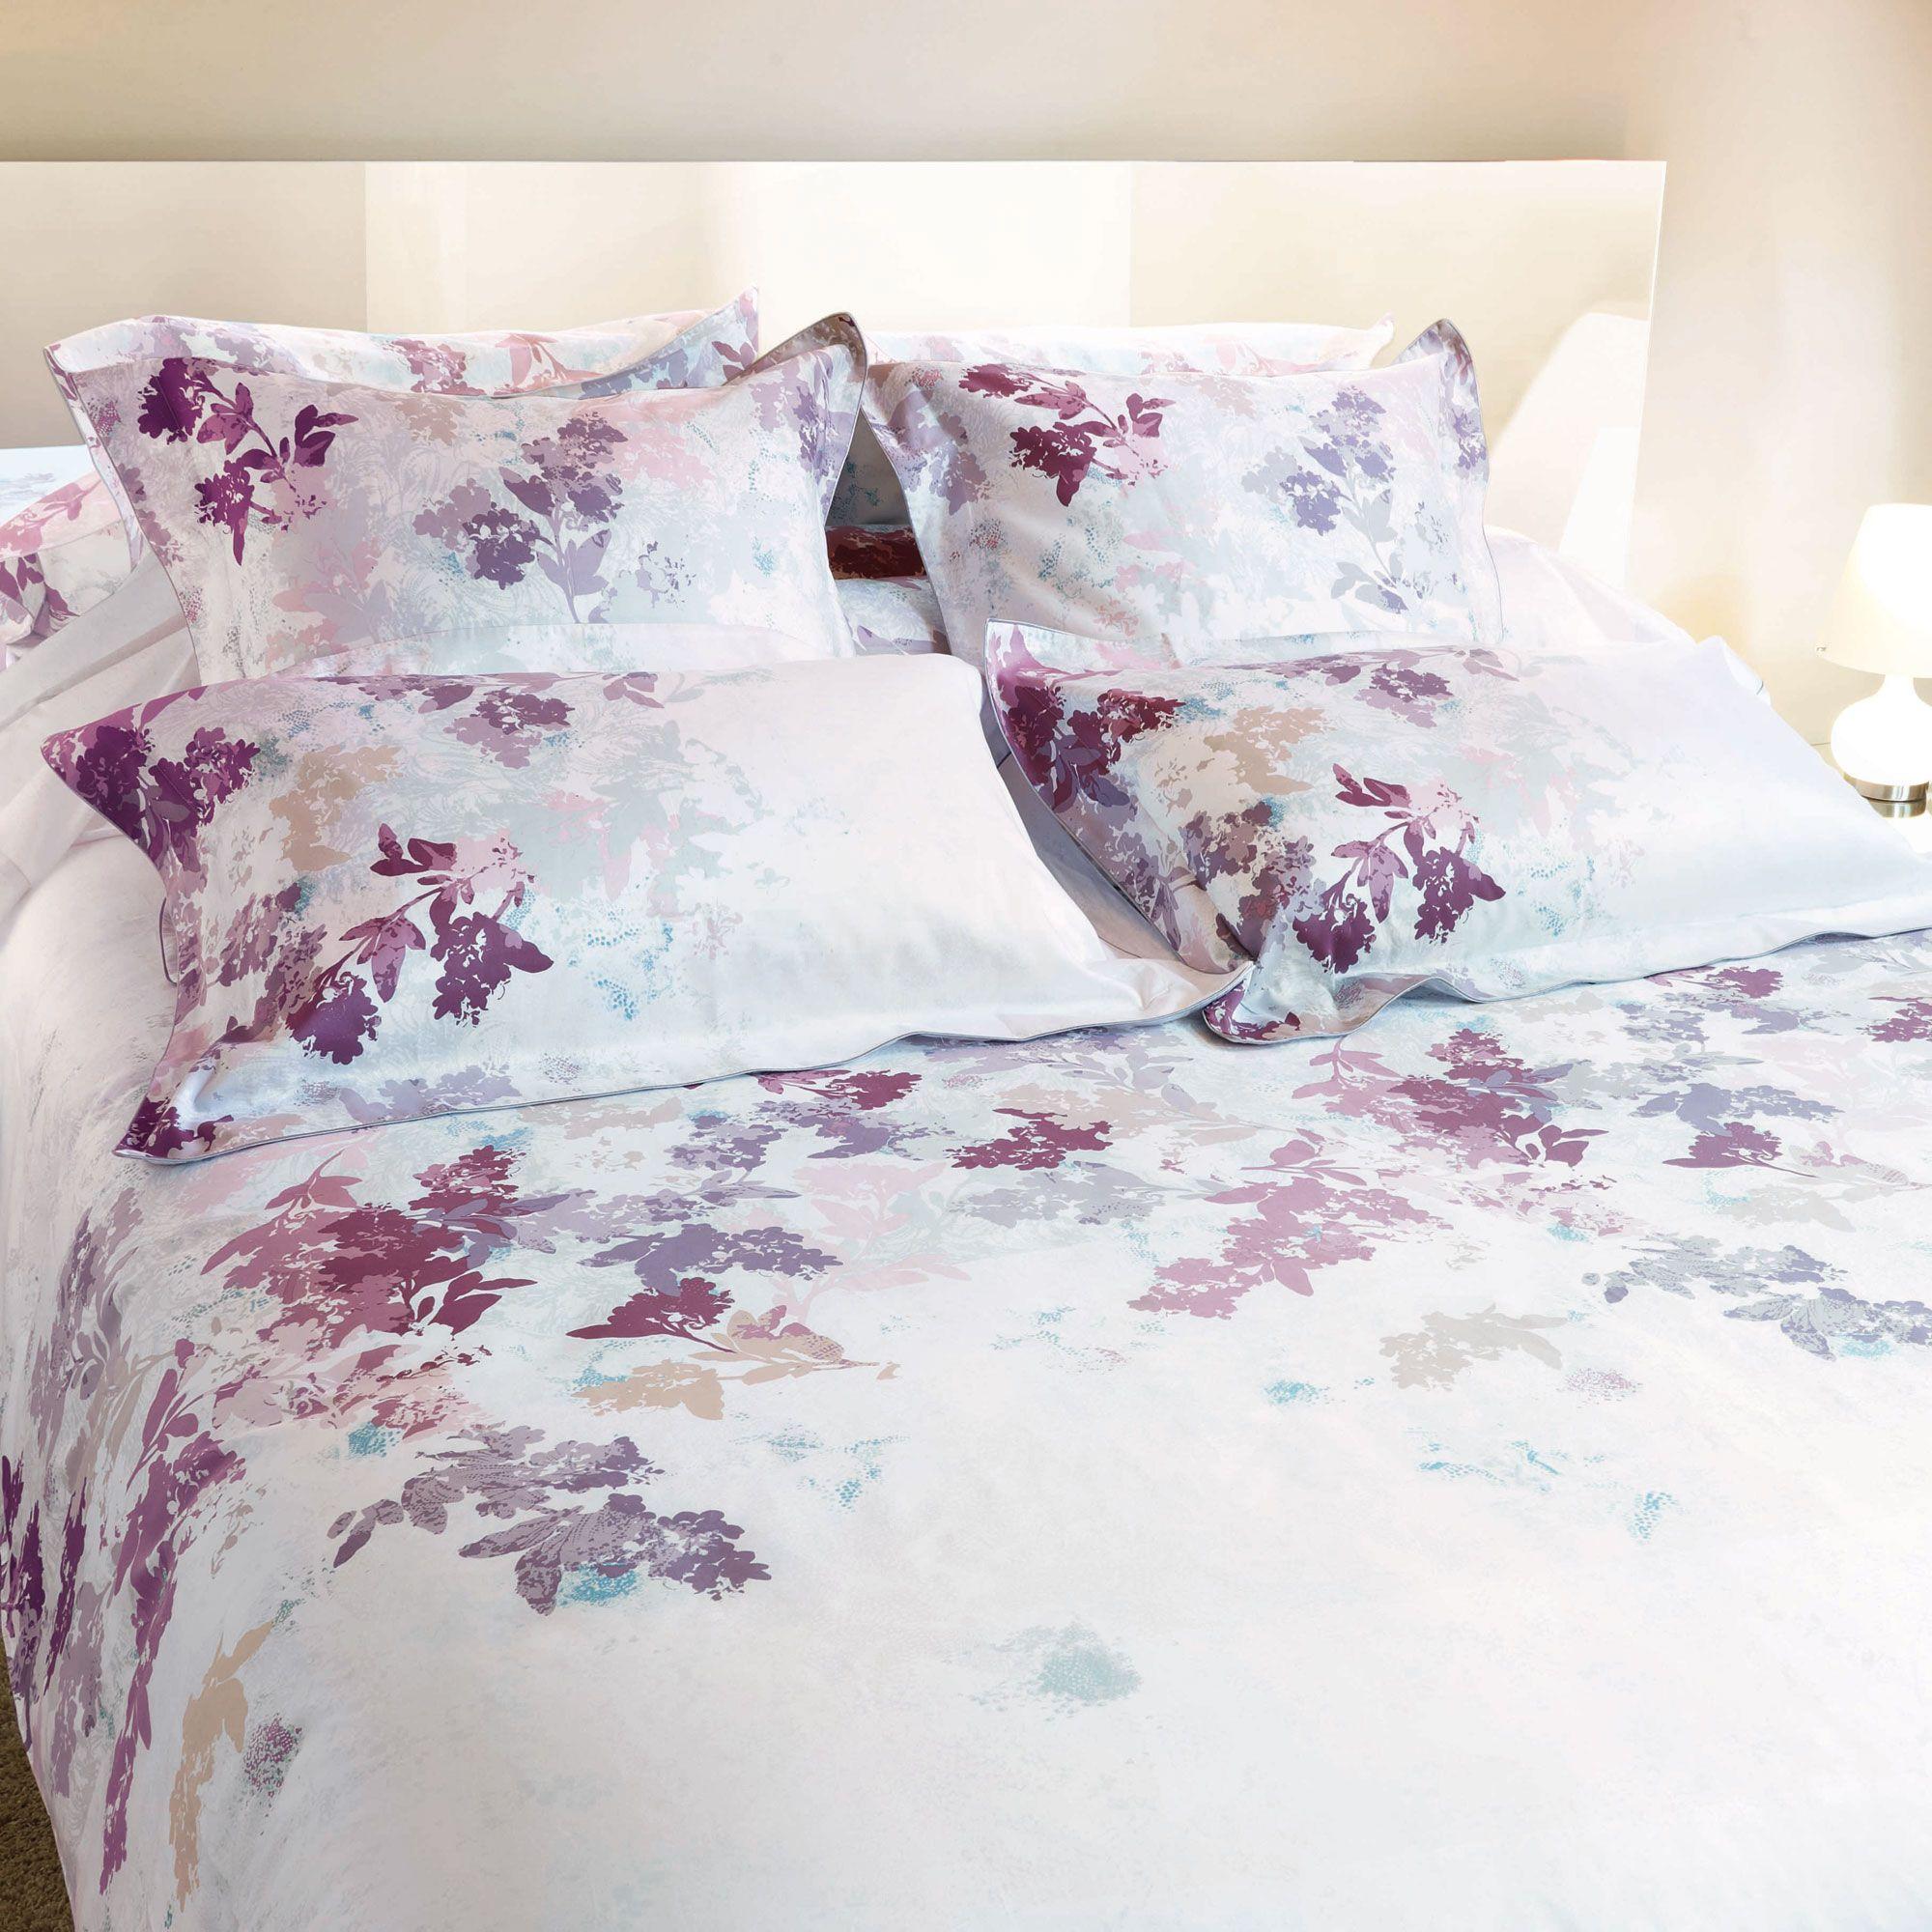 housse de couette motifs fleurs et feuillage 100 satin de coton par descamps beau linge. Black Bedroom Furniture Sets. Home Design Ideas